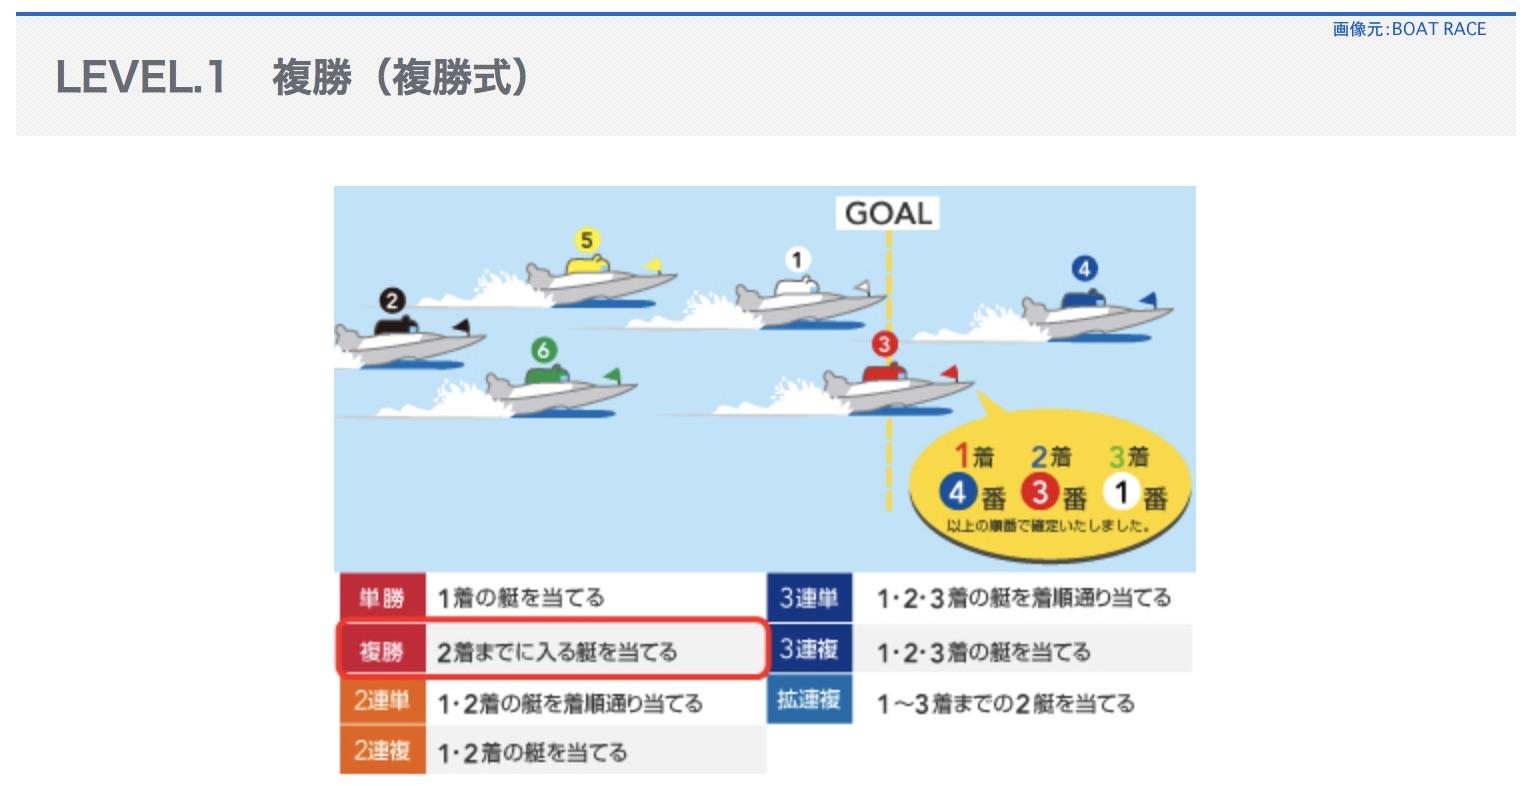 複勝式という競艇ボートレースの舟券の式別とは